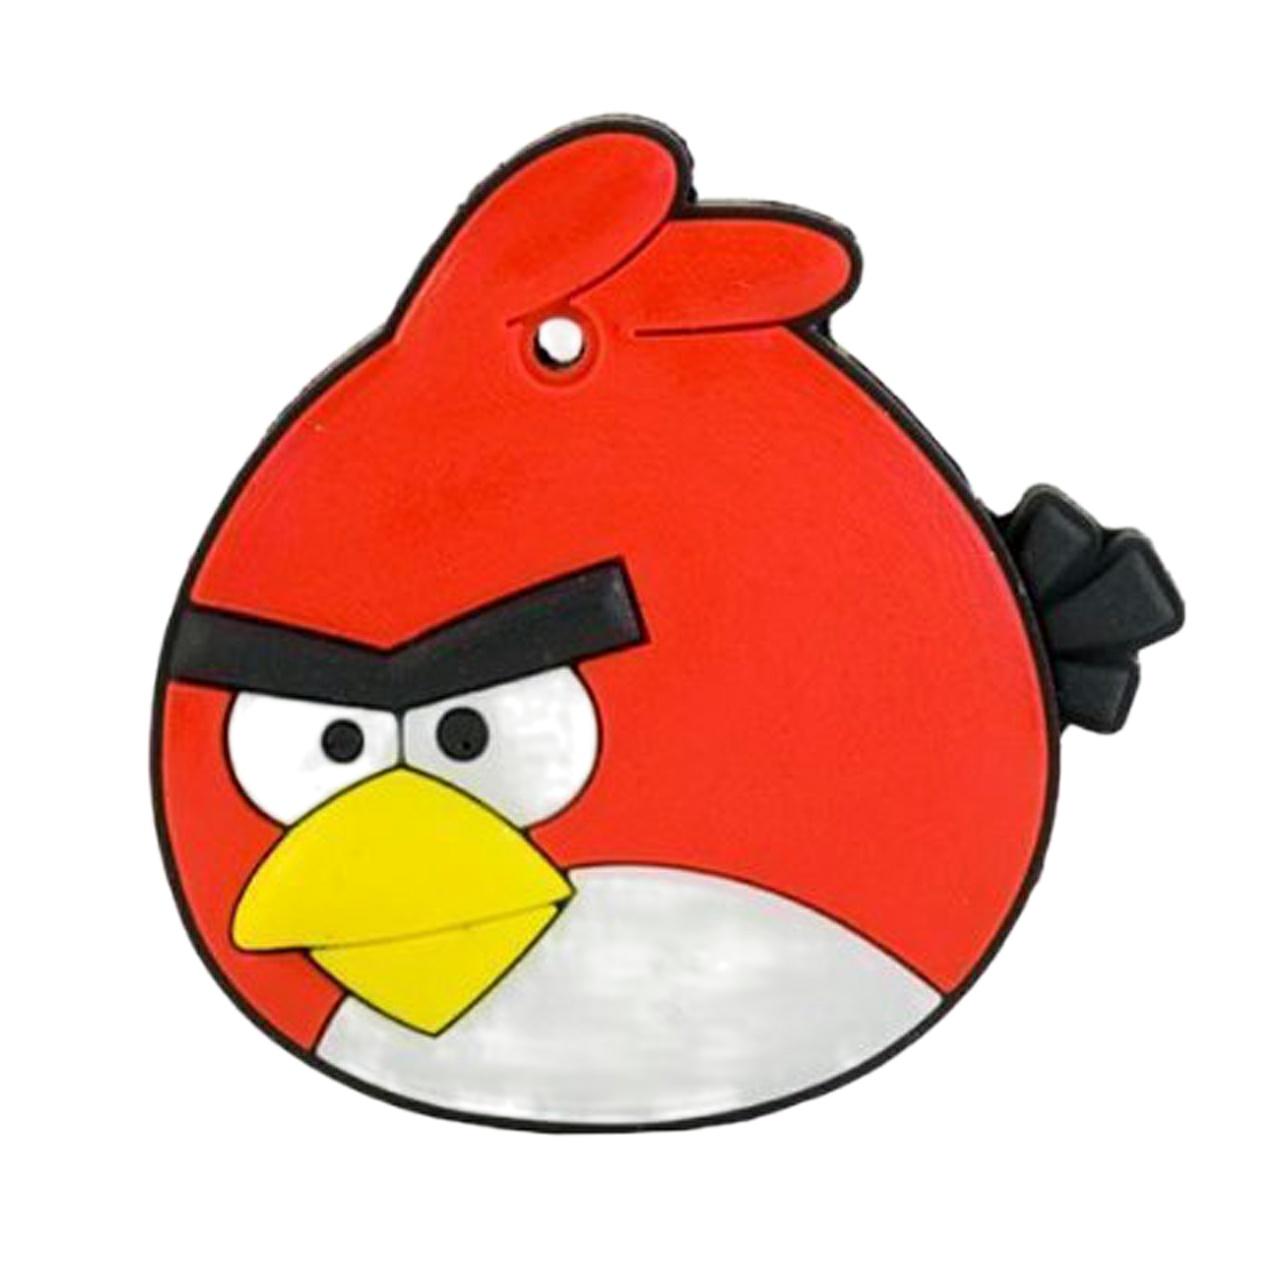 بررسی و {خرید با تخفیف} فلش مموریمدل Ul-Angry Birds01 ظرفیت 8 گیگابایت اصل